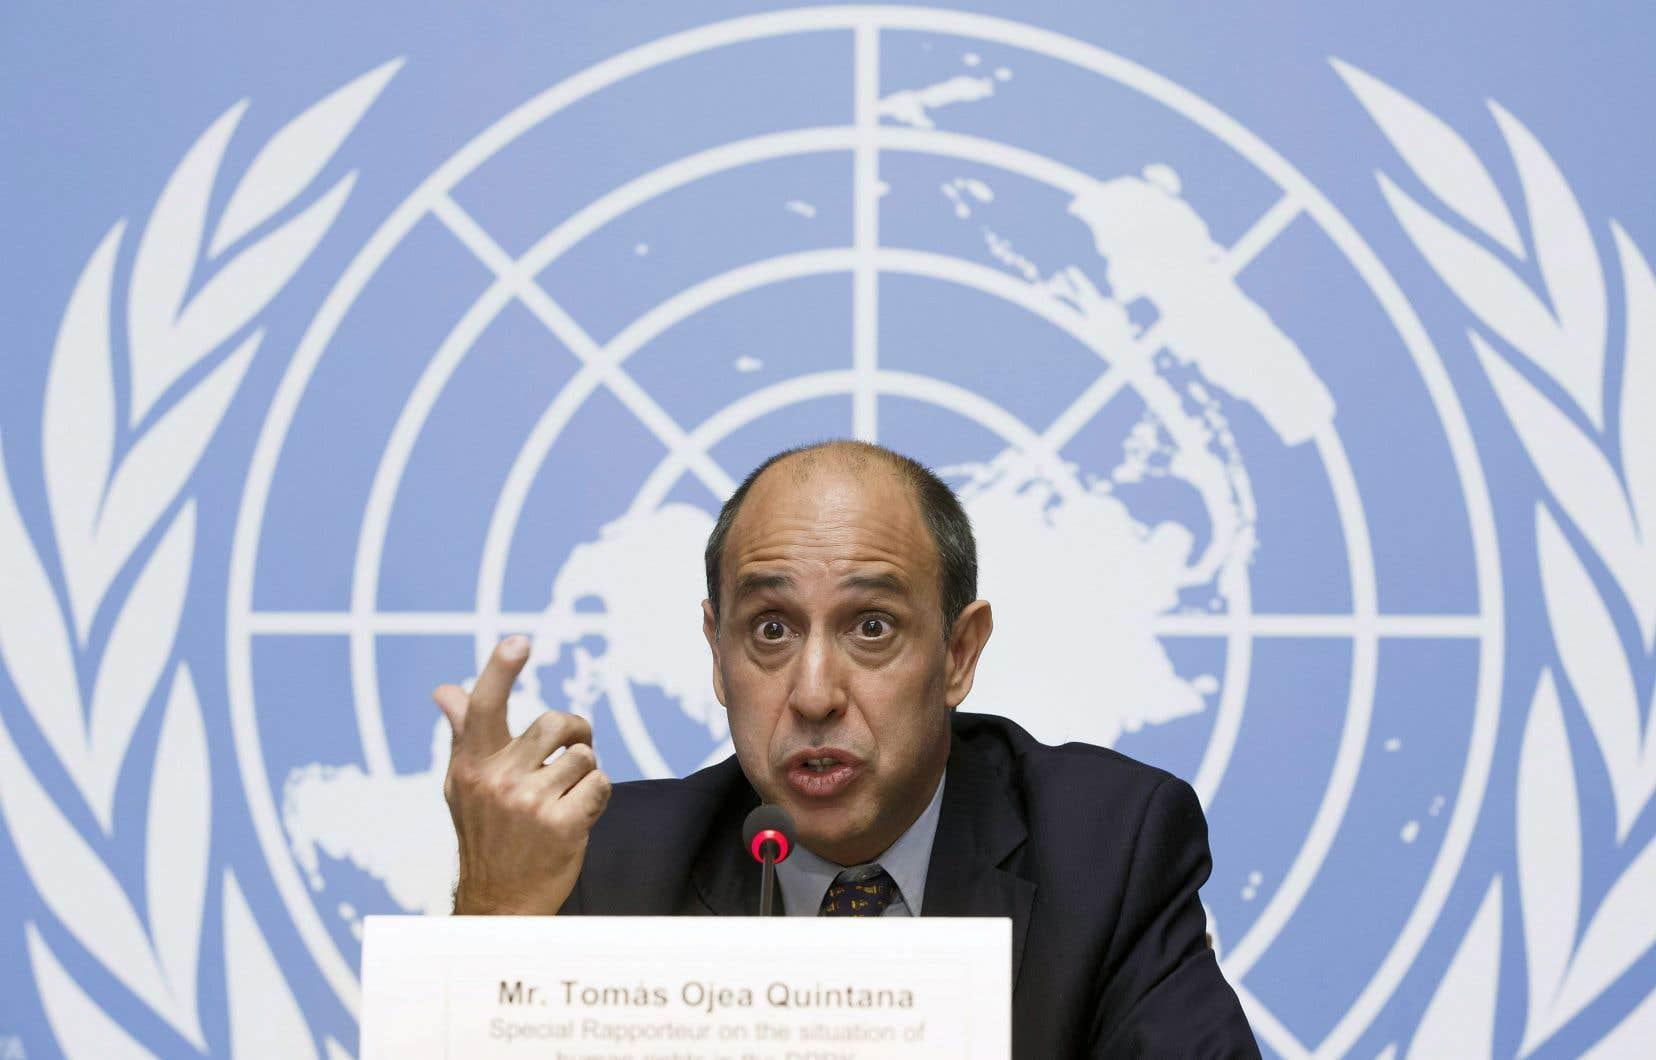 Tomas Ojea Quintana